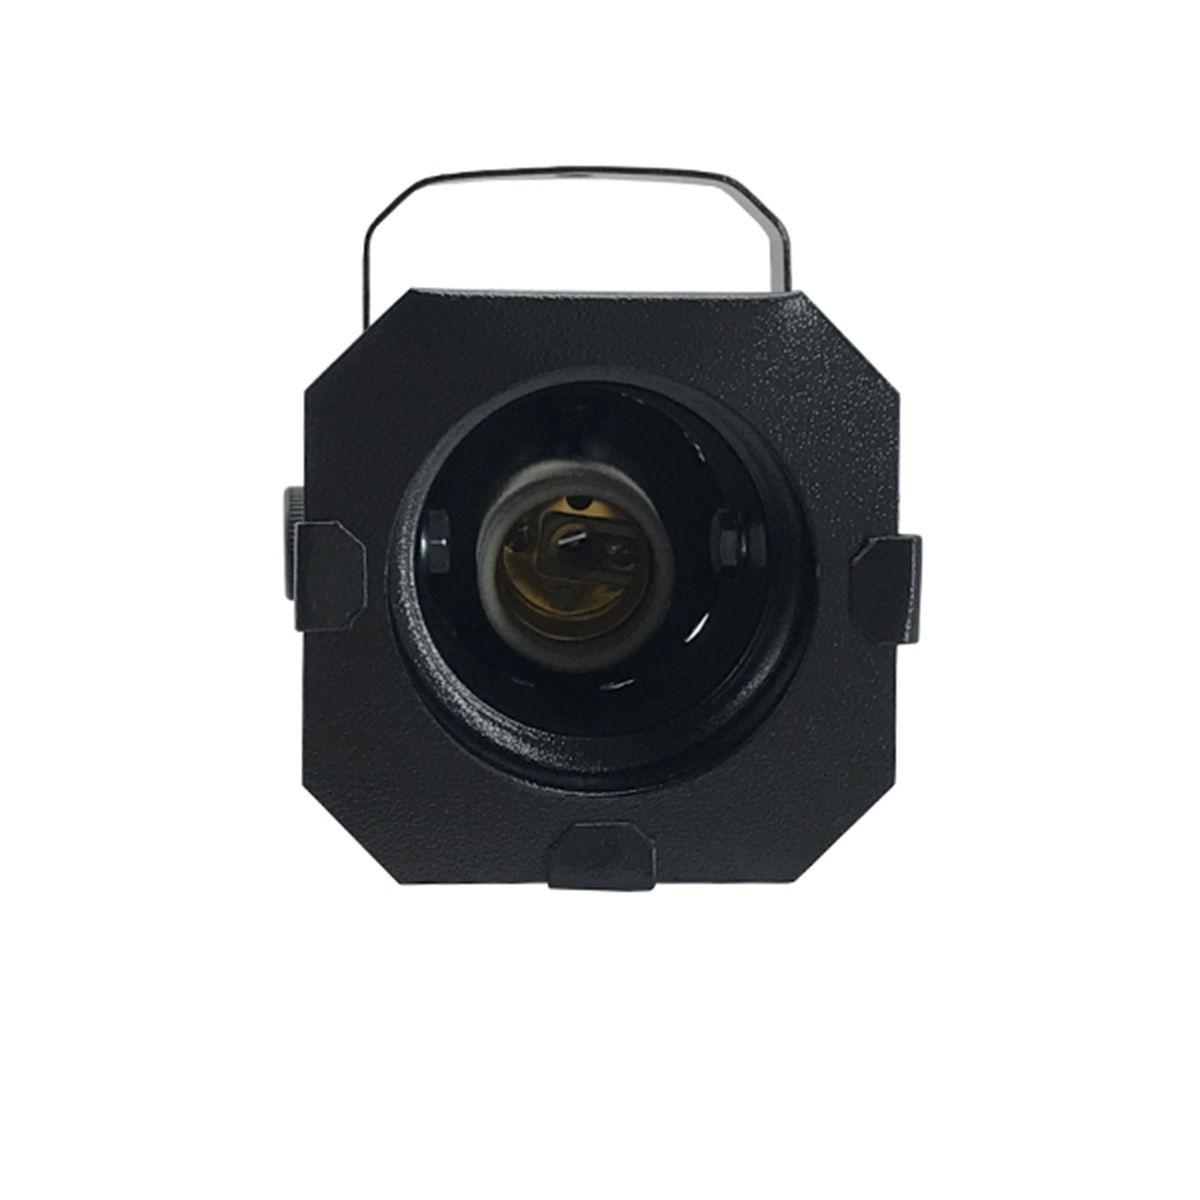 Kit 6 Unidades - Canhão Spot Par 20 Preto - Volt  - RS Som e Luz!